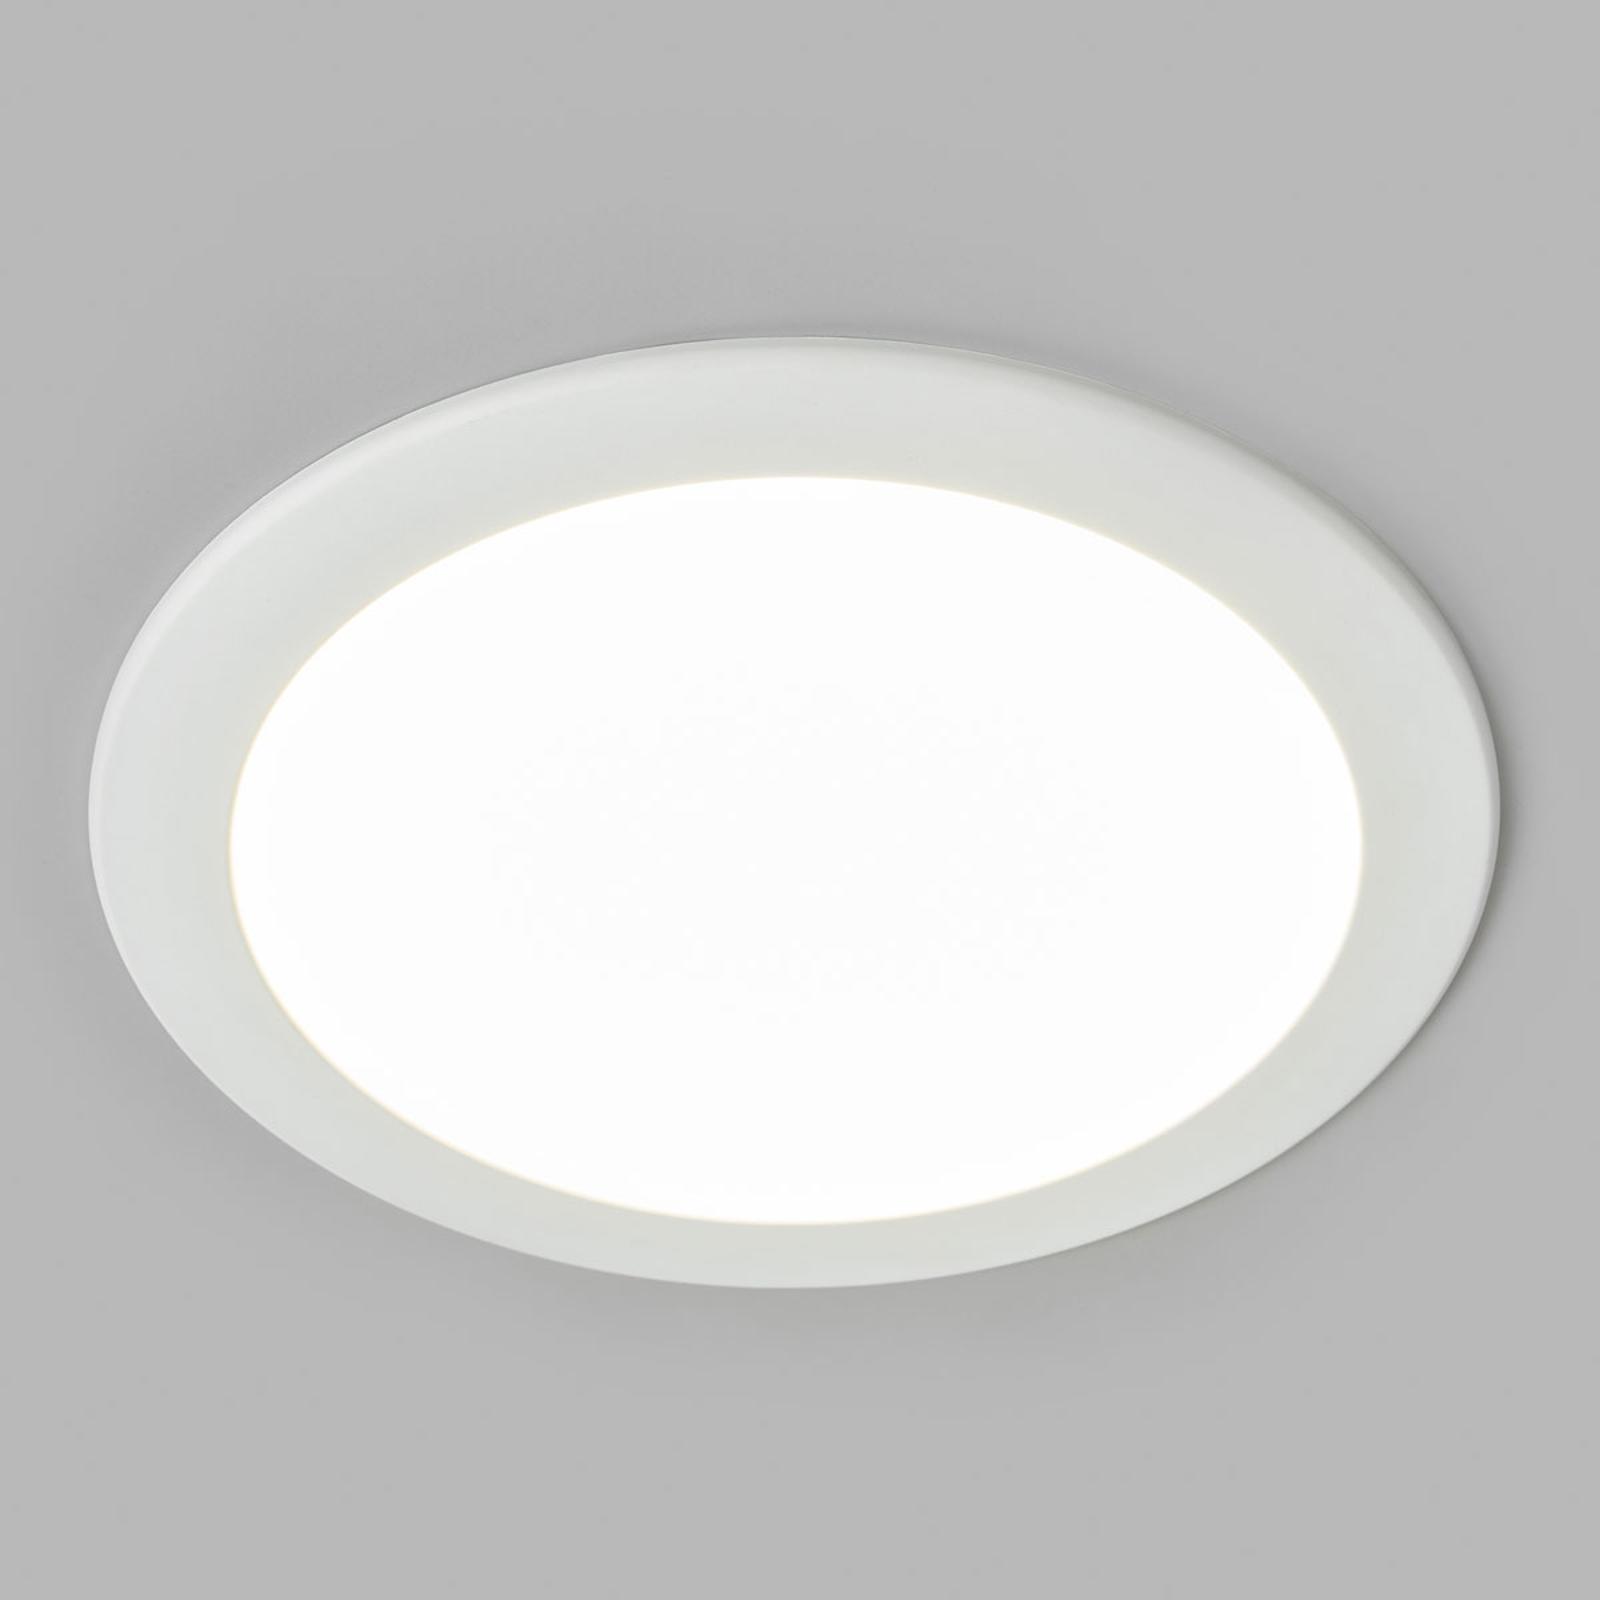 Spot LED Joki biały 4000K okrągły 24cm